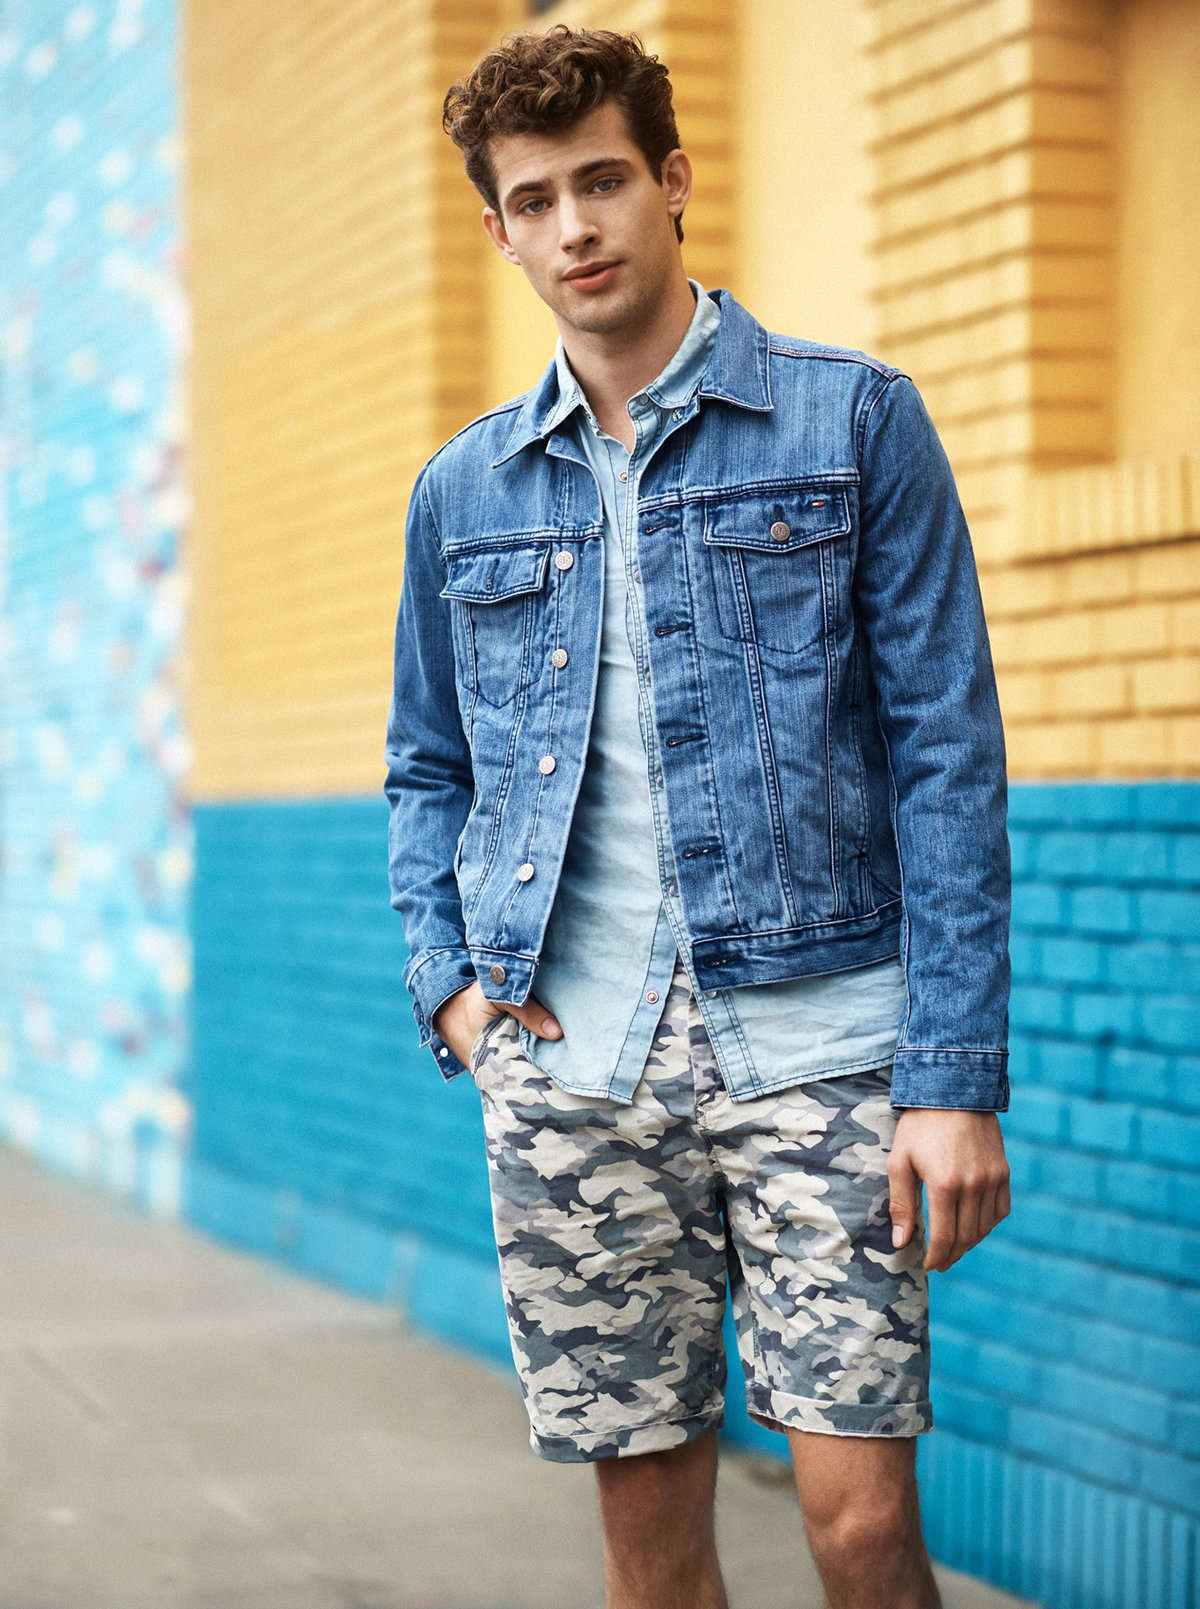 Картинки про джинсовые брюки плюс